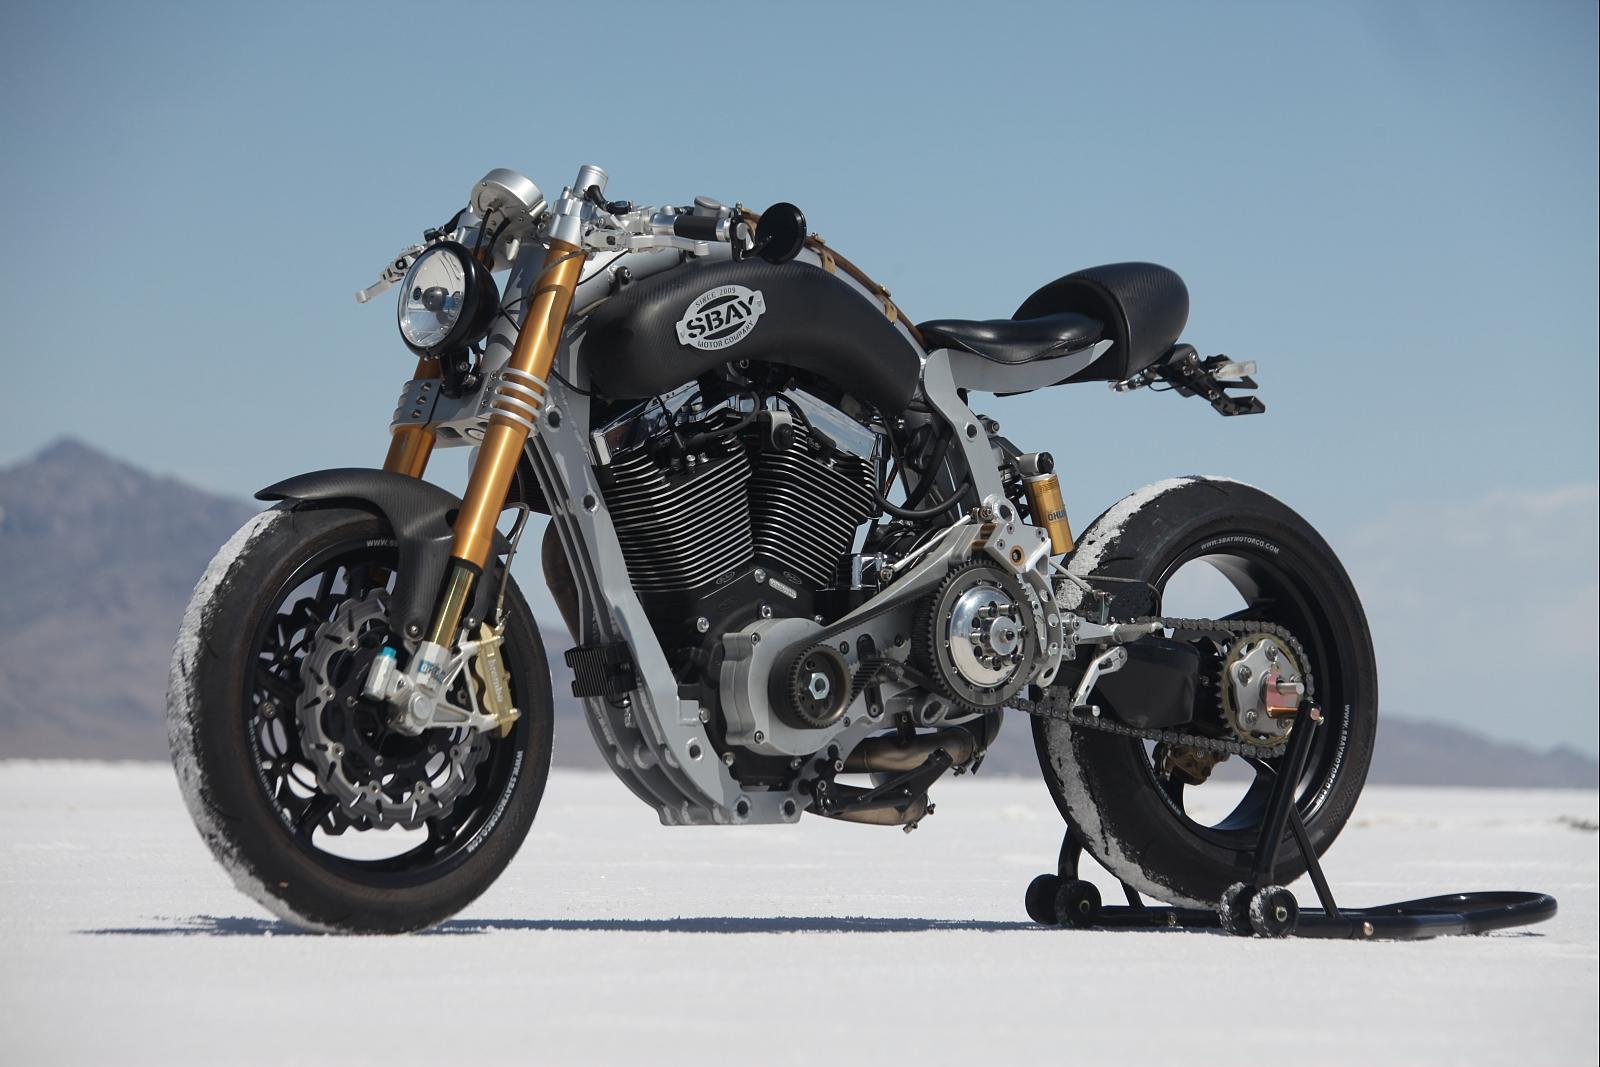 Fabricadas en España con acento Andaluz de Cádiz, esta marca de motocicletas hacen de cada modelo un mundo único y diferente para cara uno de sus clientes que buscan algo mas que potencia y diseño.